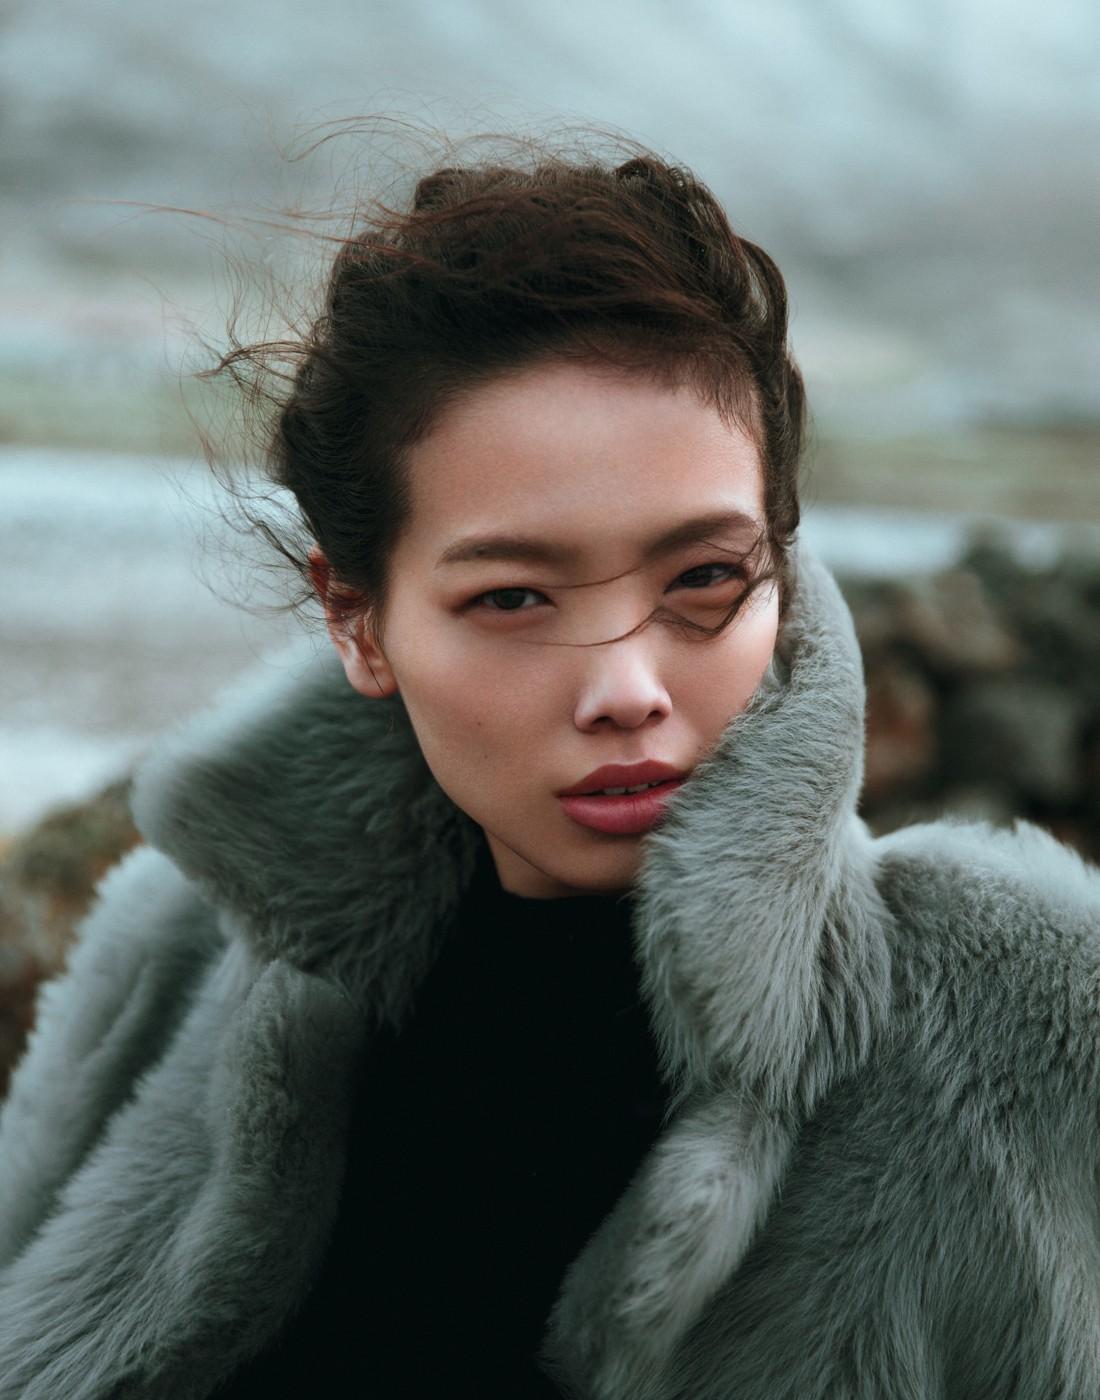 Grace Guozh forSuitcase MagazinePhotographer - Grant ThomasPost-Production - Kushtrim Kunushevciwww.kushtrimkunushevci.comFollow me!Faceb......